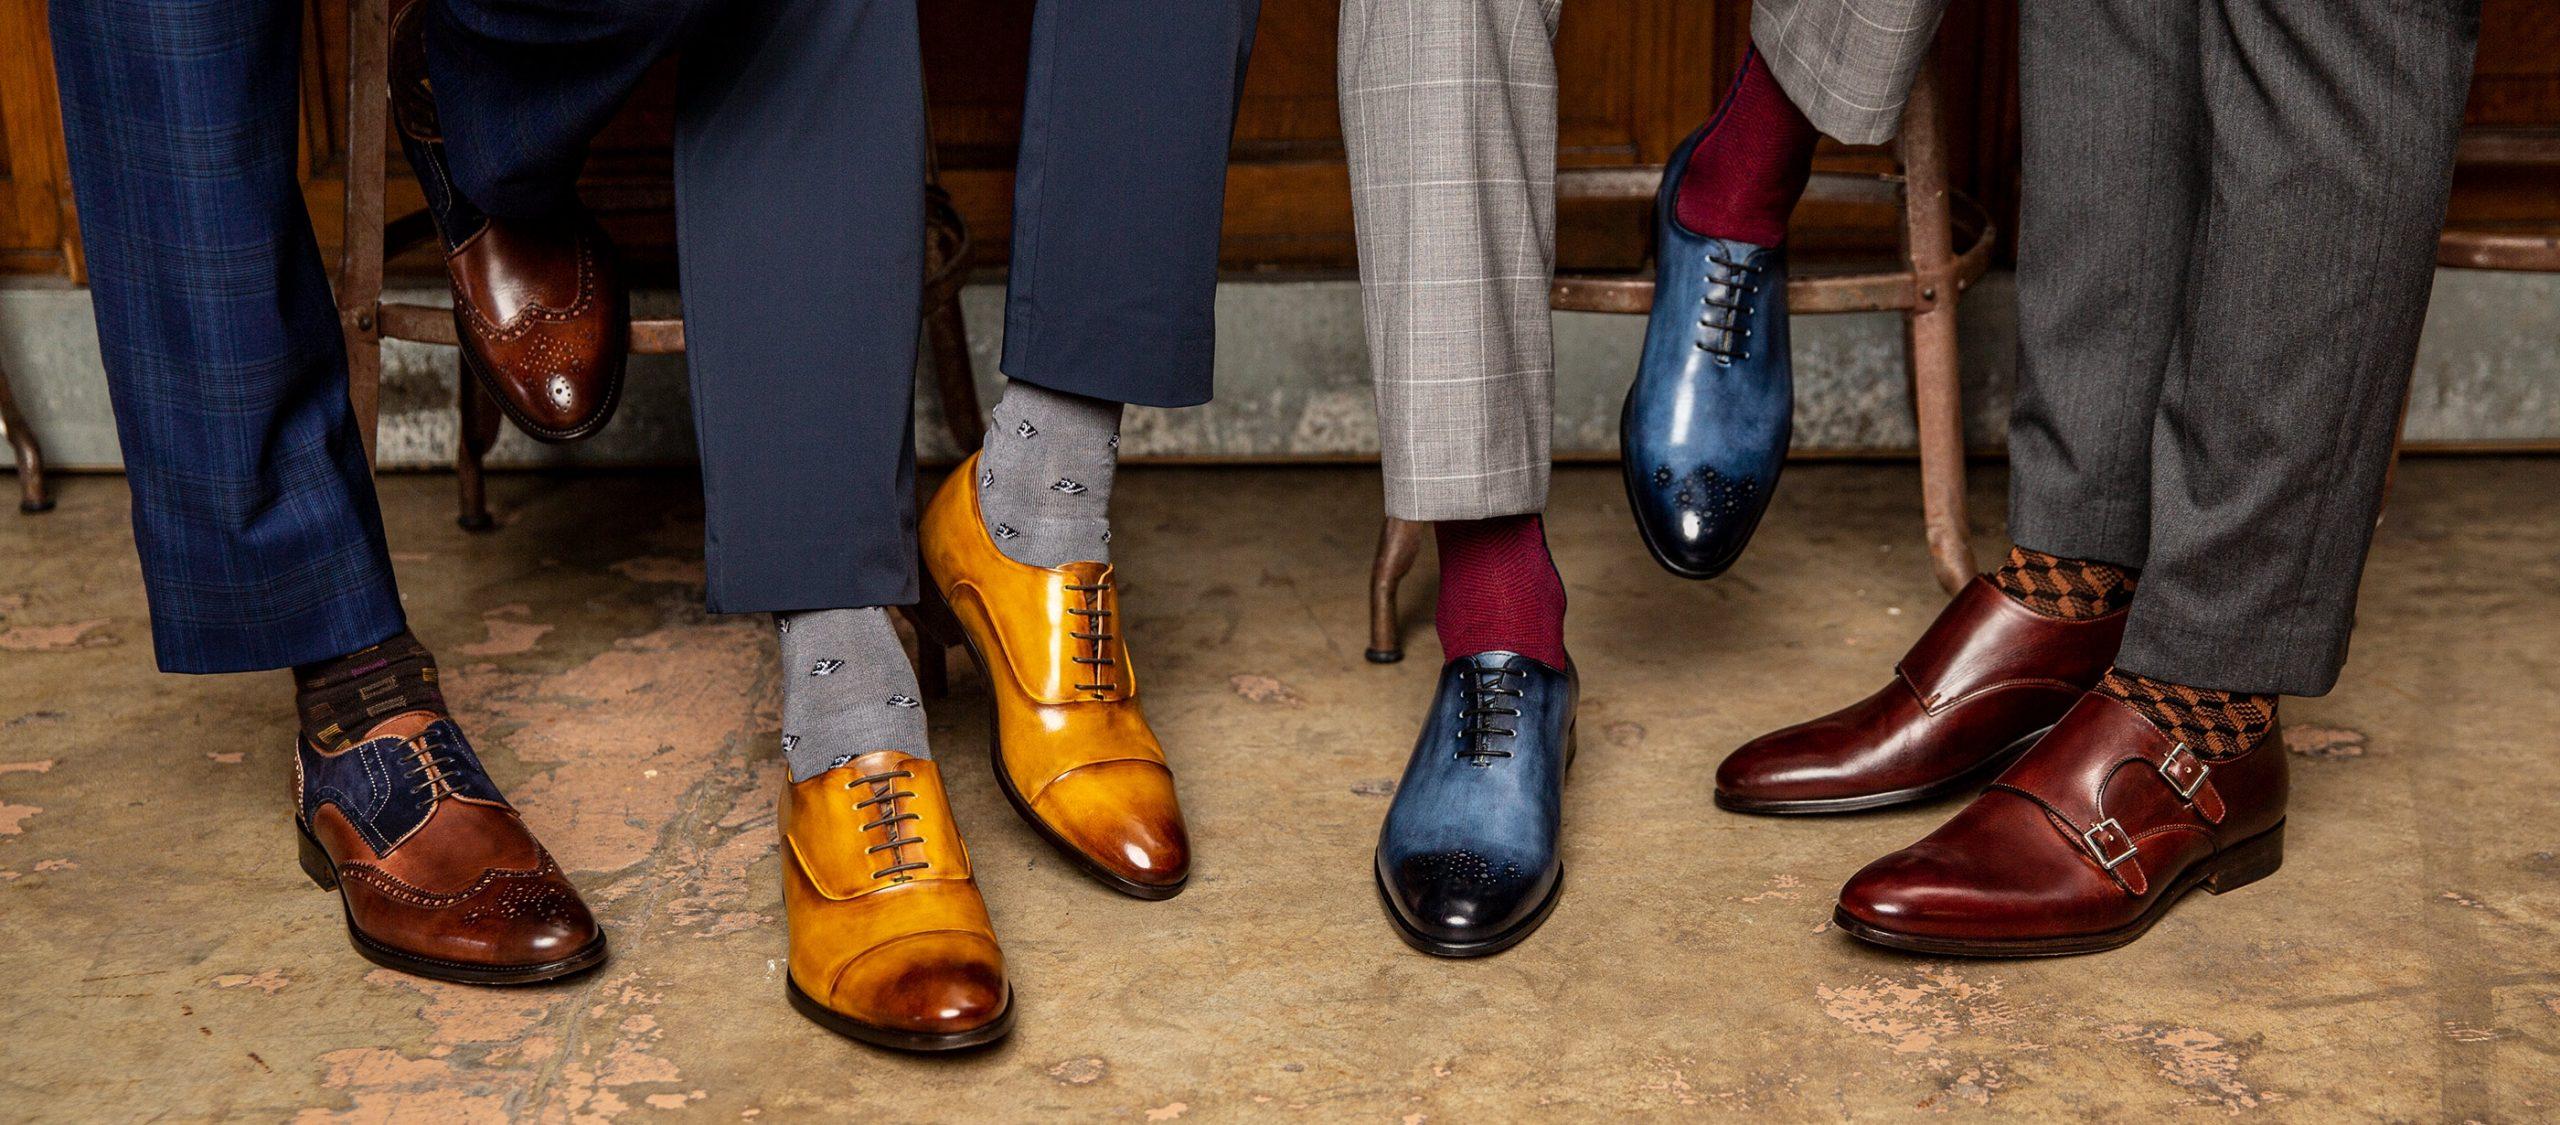 ۱۳ برند برتر کفش های ایتالیایی و تاریخچه آن ها (۲)